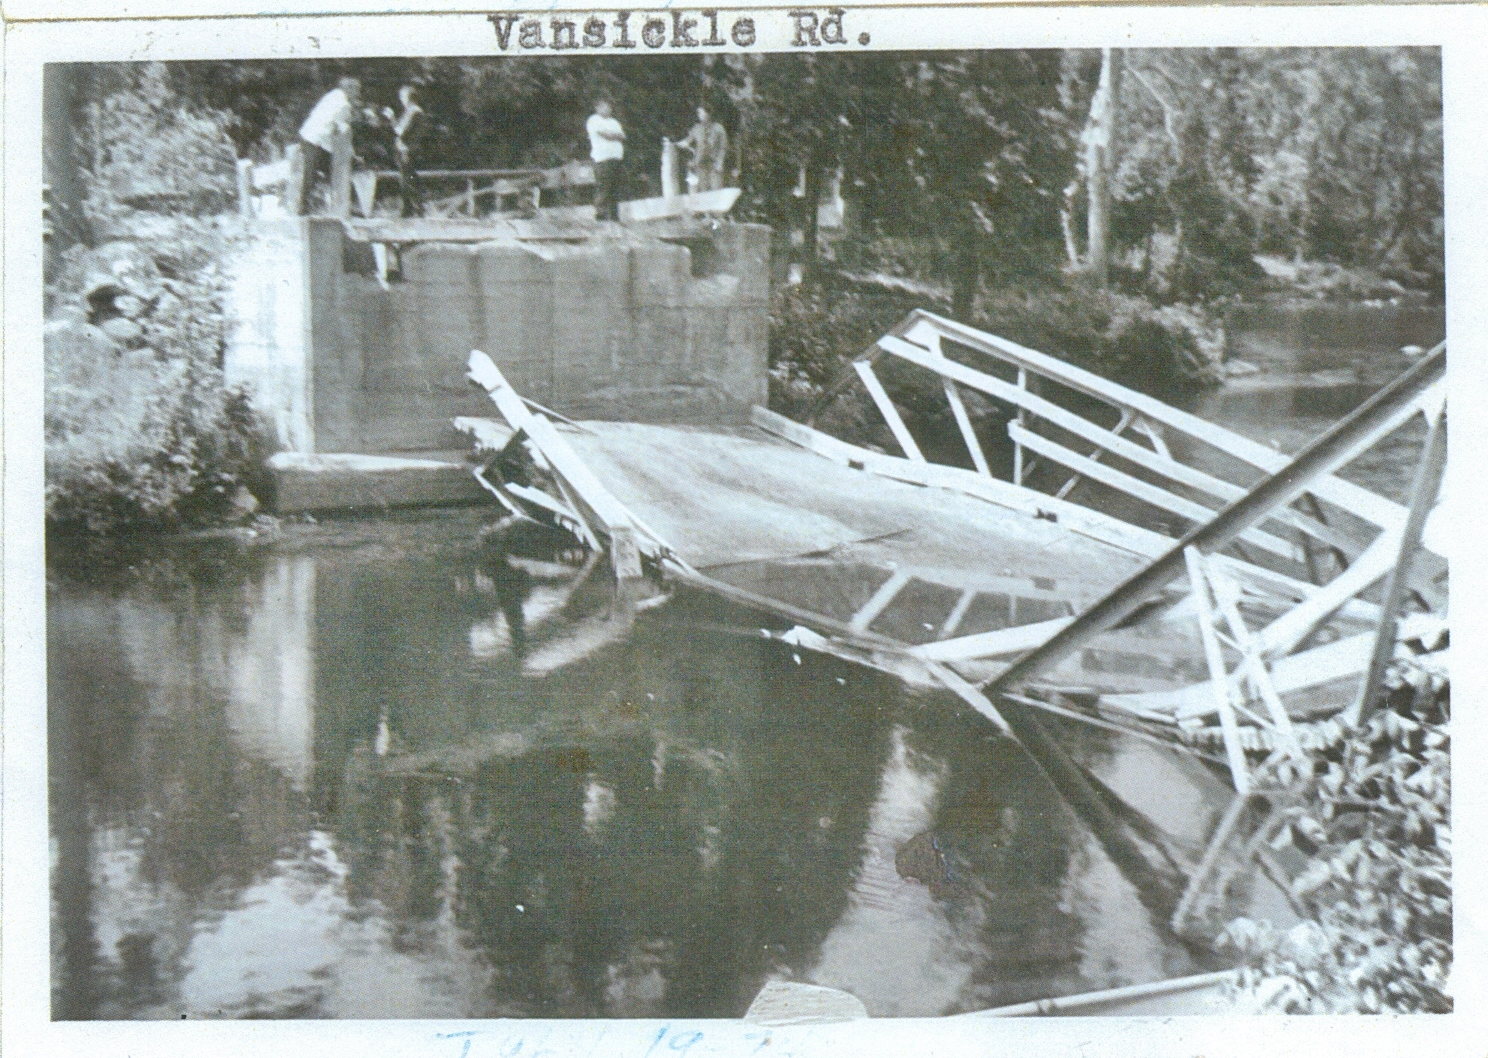 Deer River Bridge Collapse Vansickle Road.jpg